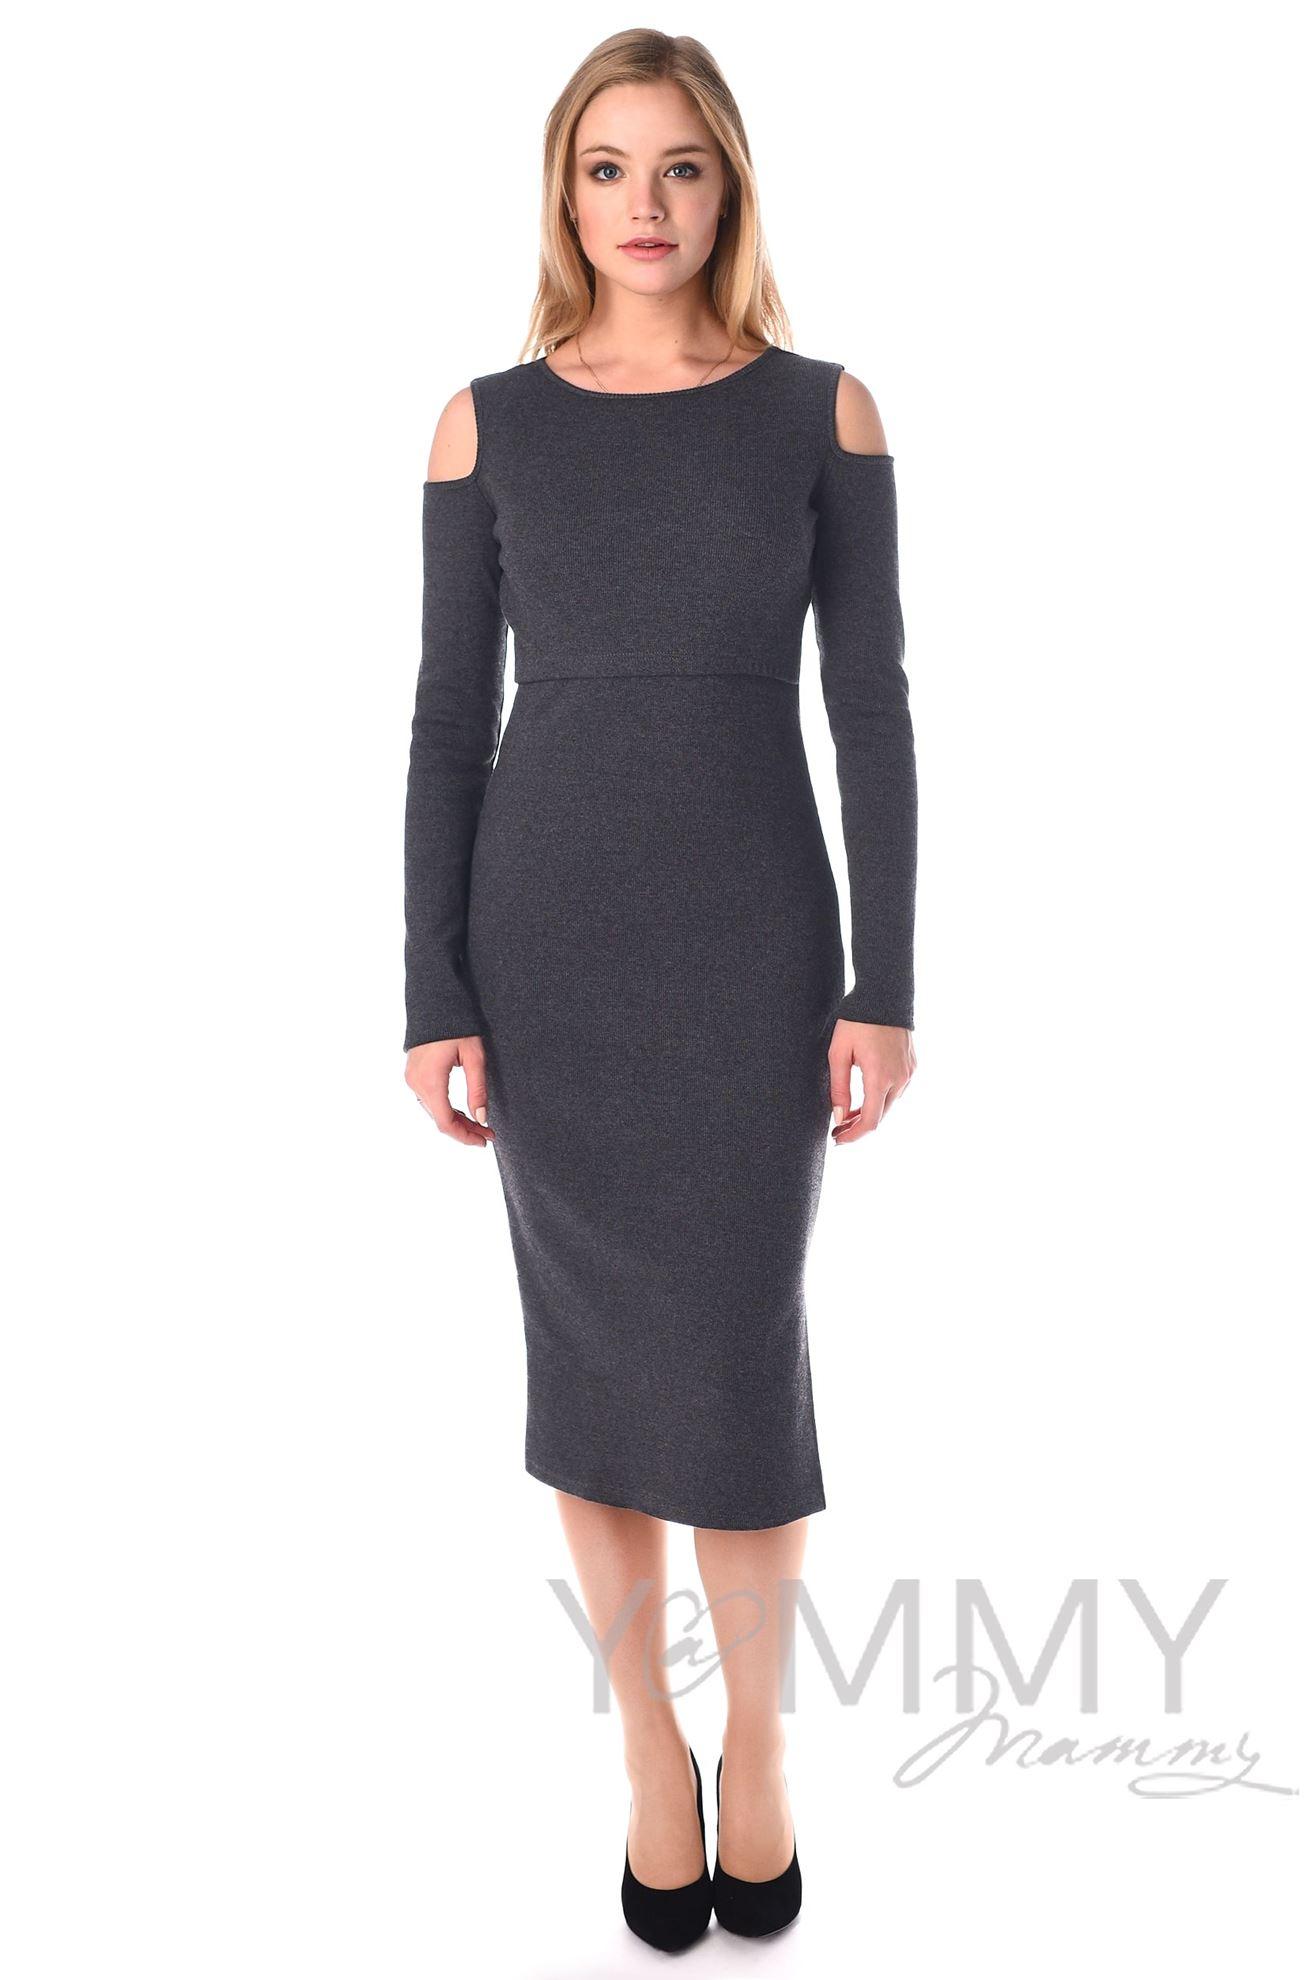 Изображение                               Платье миди с разрезами по бокам темно-серый меланж